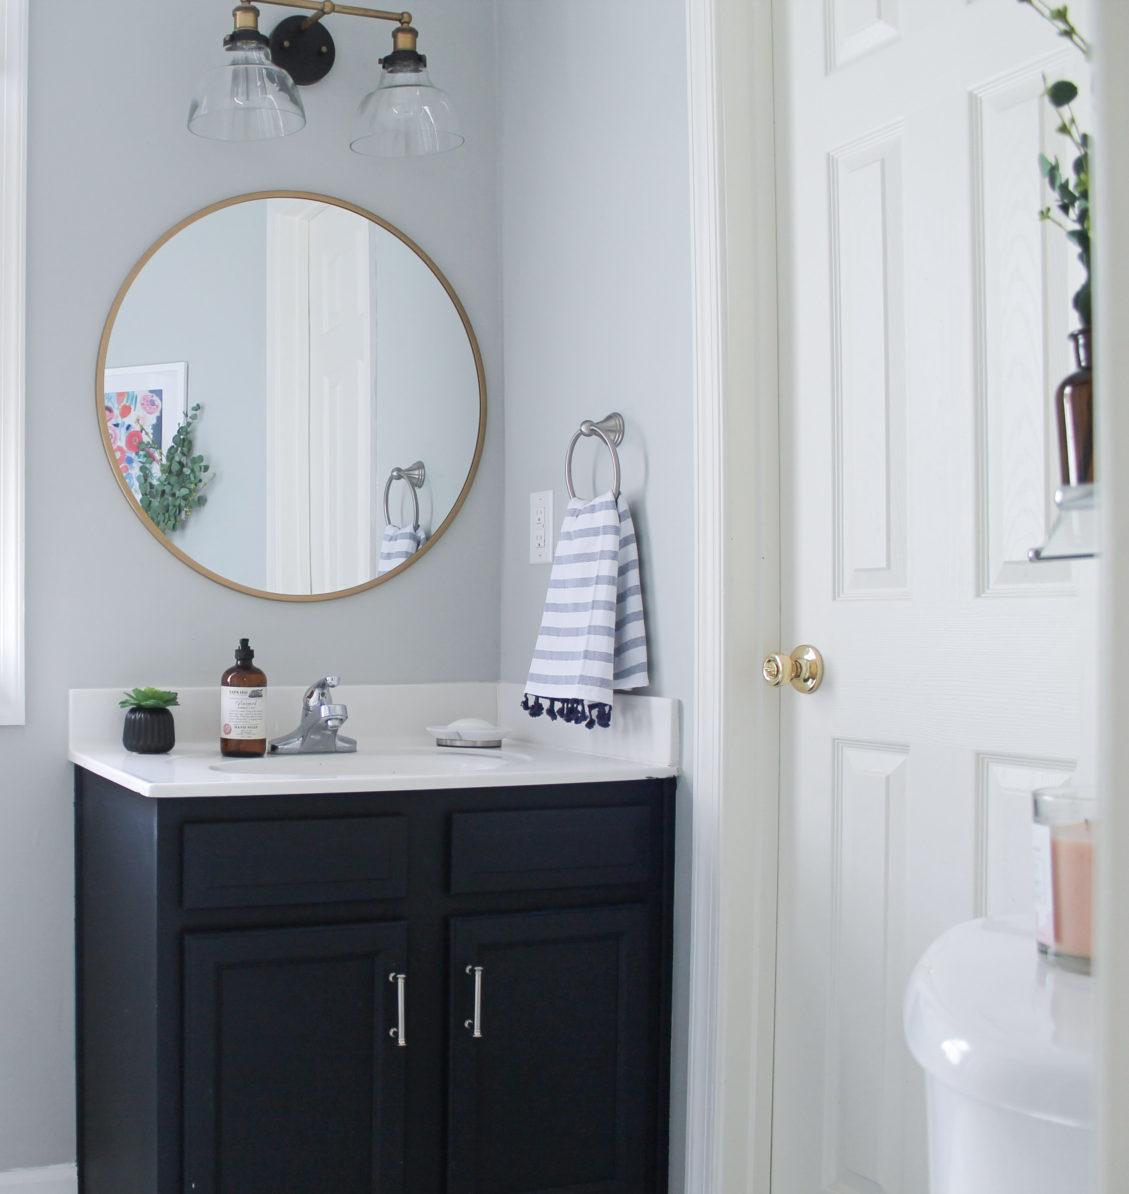 Bathroom Remodel Interior Design in Williamsburg, VA